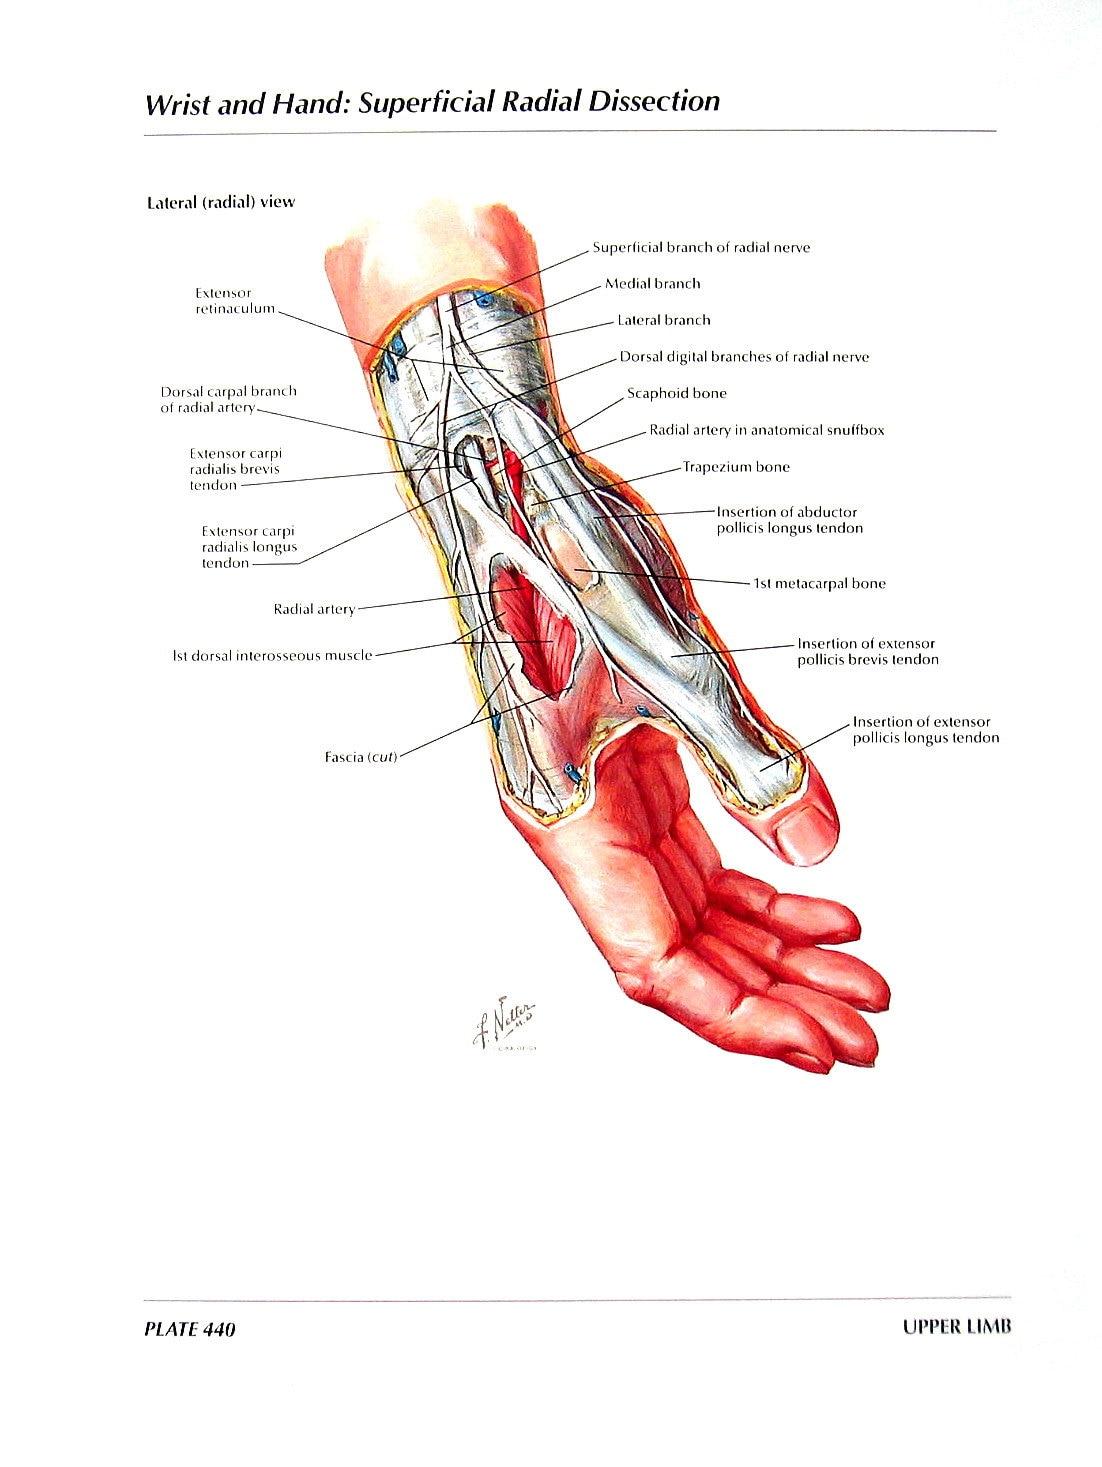 Erfreut Nerven Anatomie Der Hand Fotos - Menschliche Anatomie Bilder ...